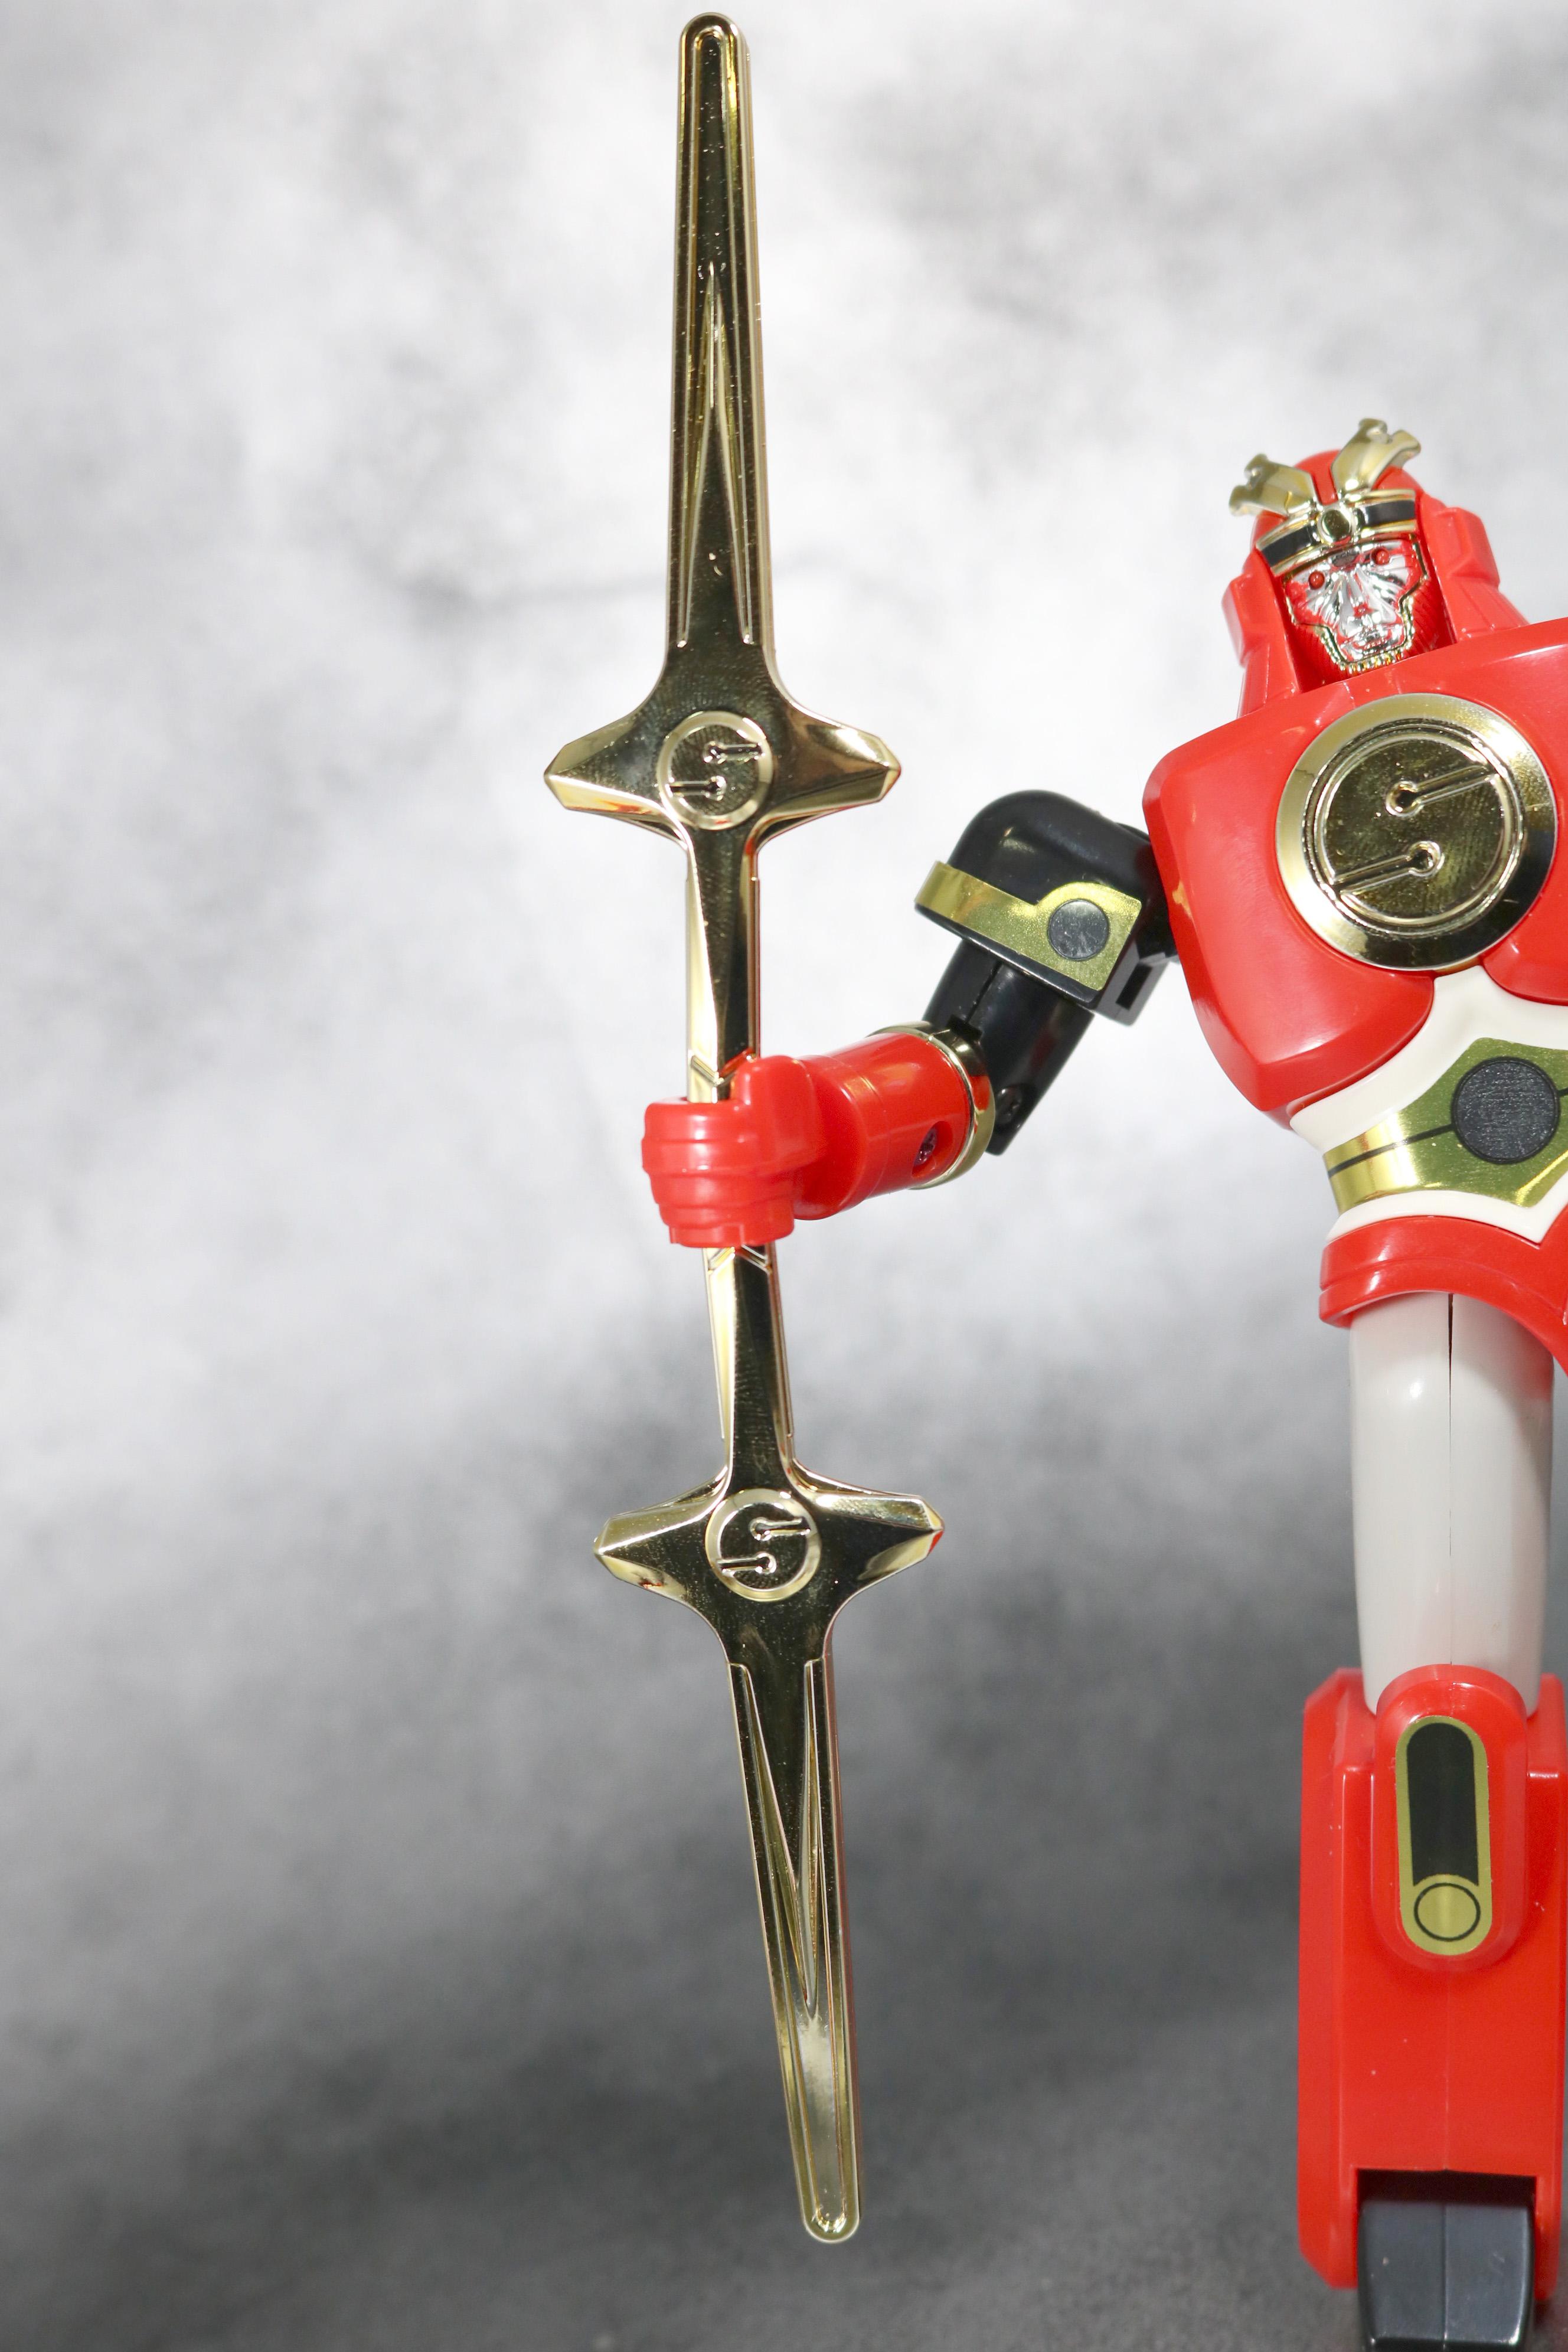 プラデラ 超忍獣 ゴッドサルダー レビュー 付属品 忍者戦隊カクレンジャー